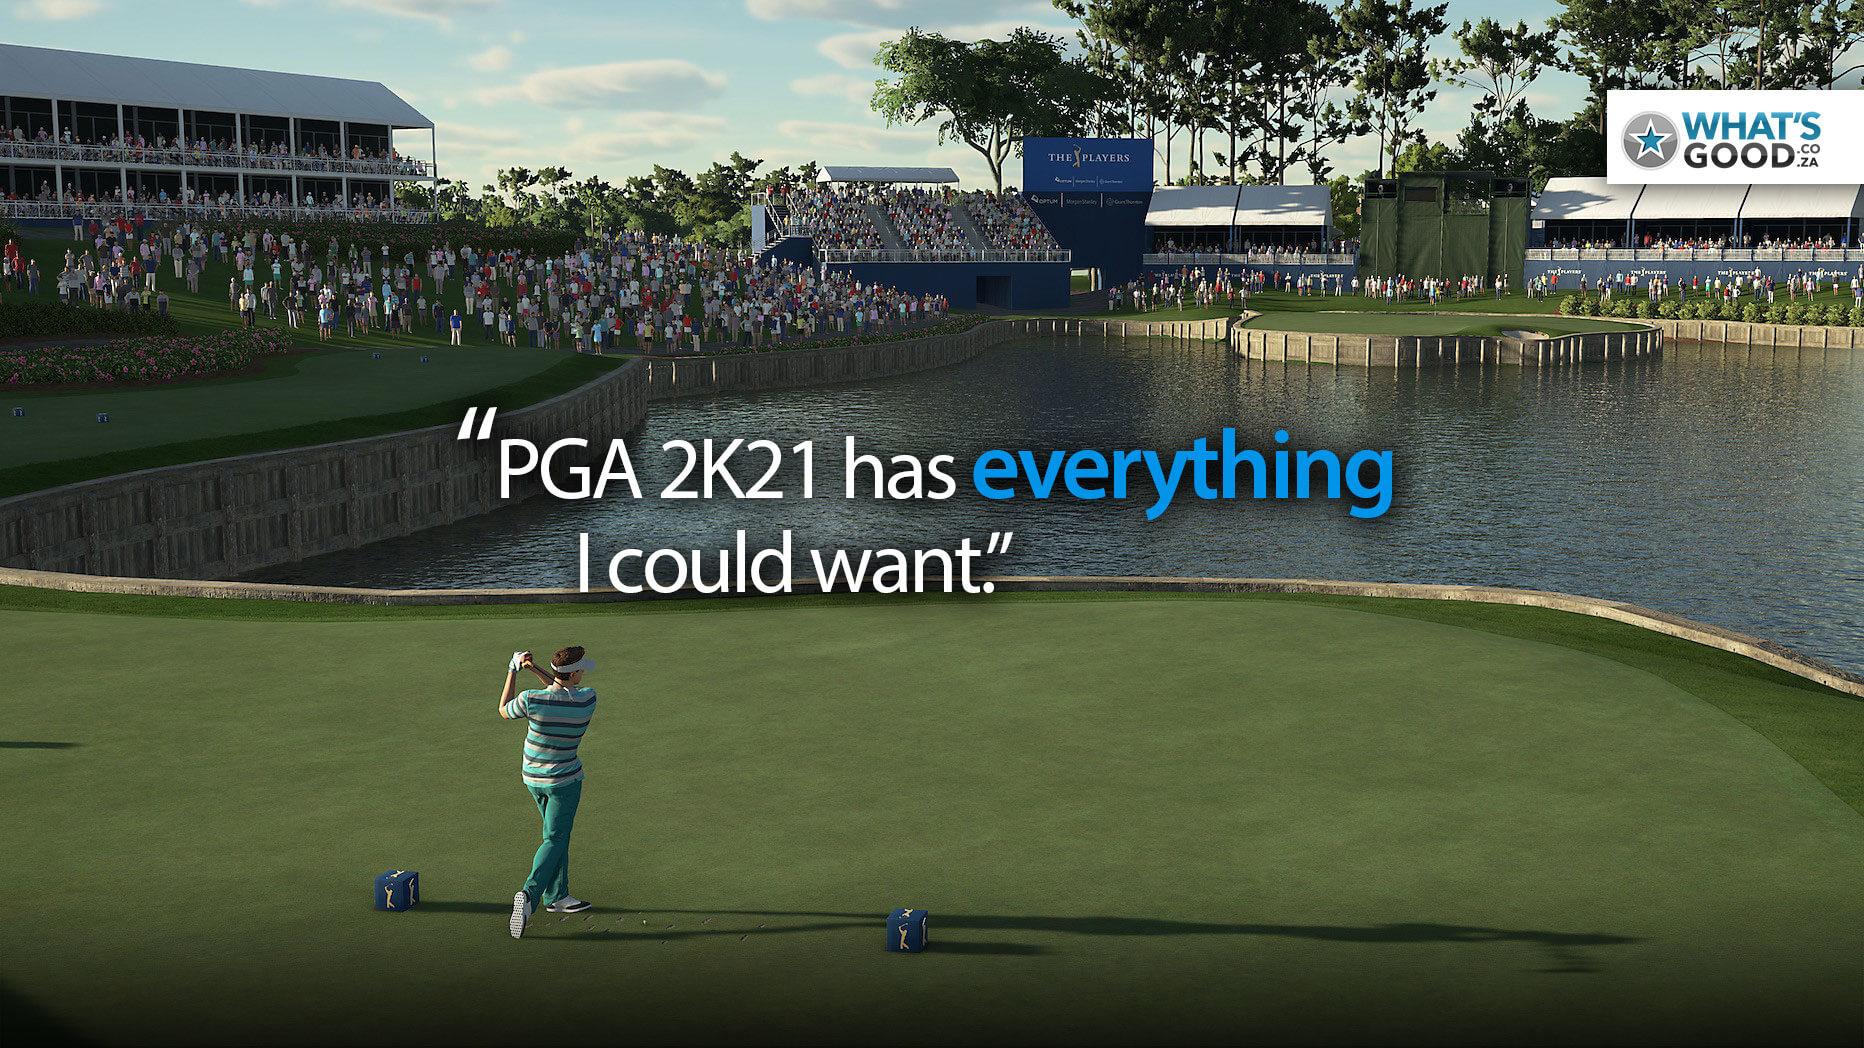 PGA2k